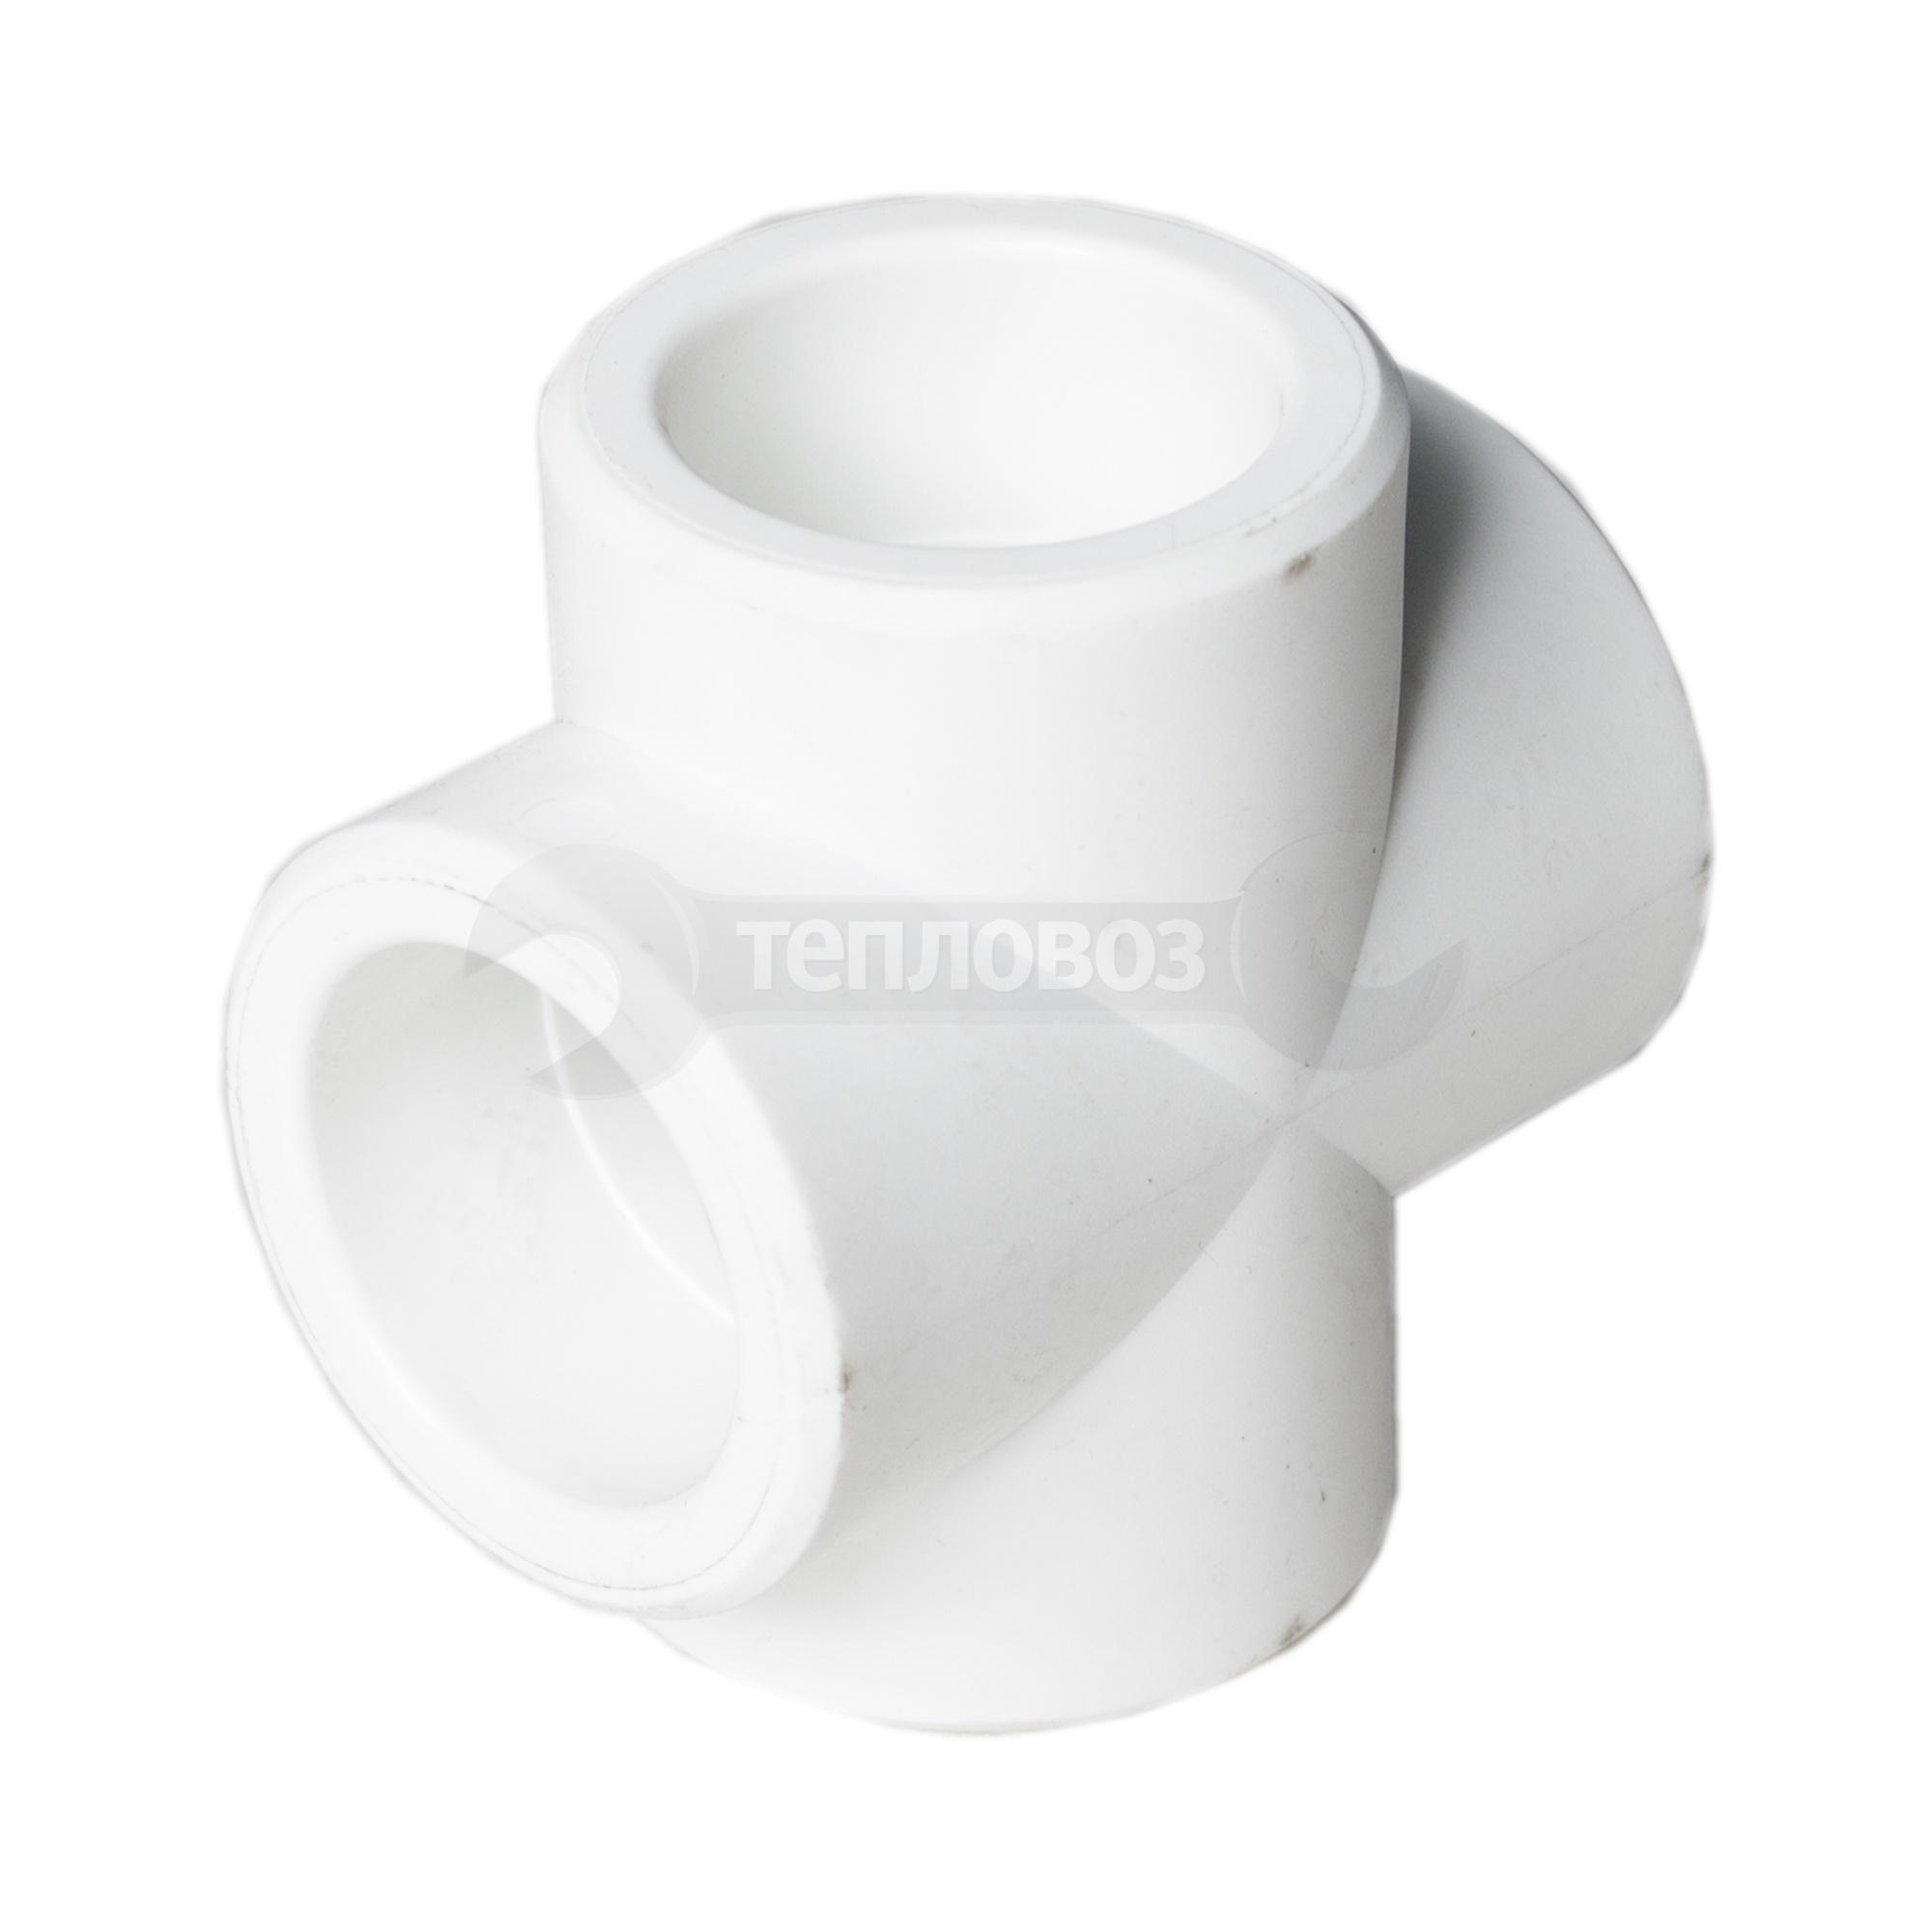 Ростурпласт, PPR 32 мм, для полипропиленовых труб